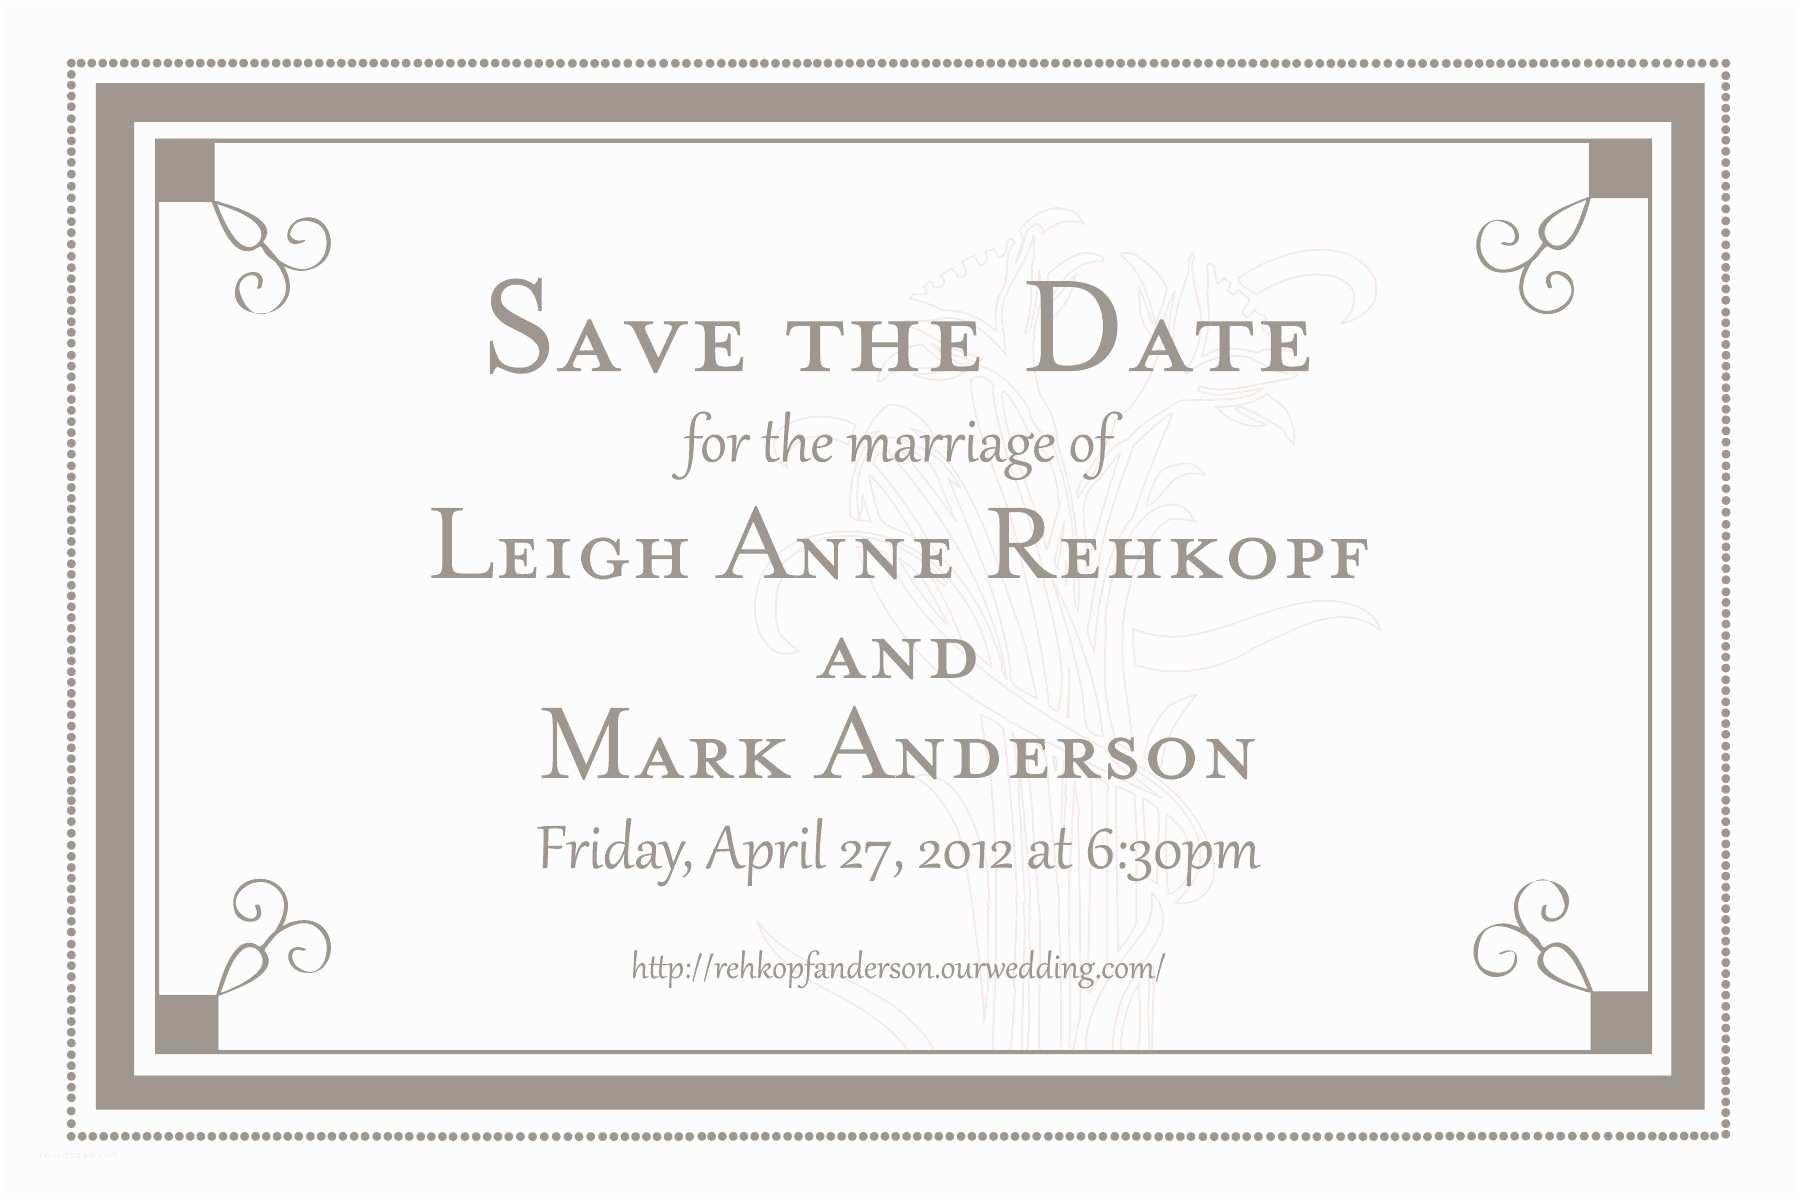 wedding invitation ideas etiquette